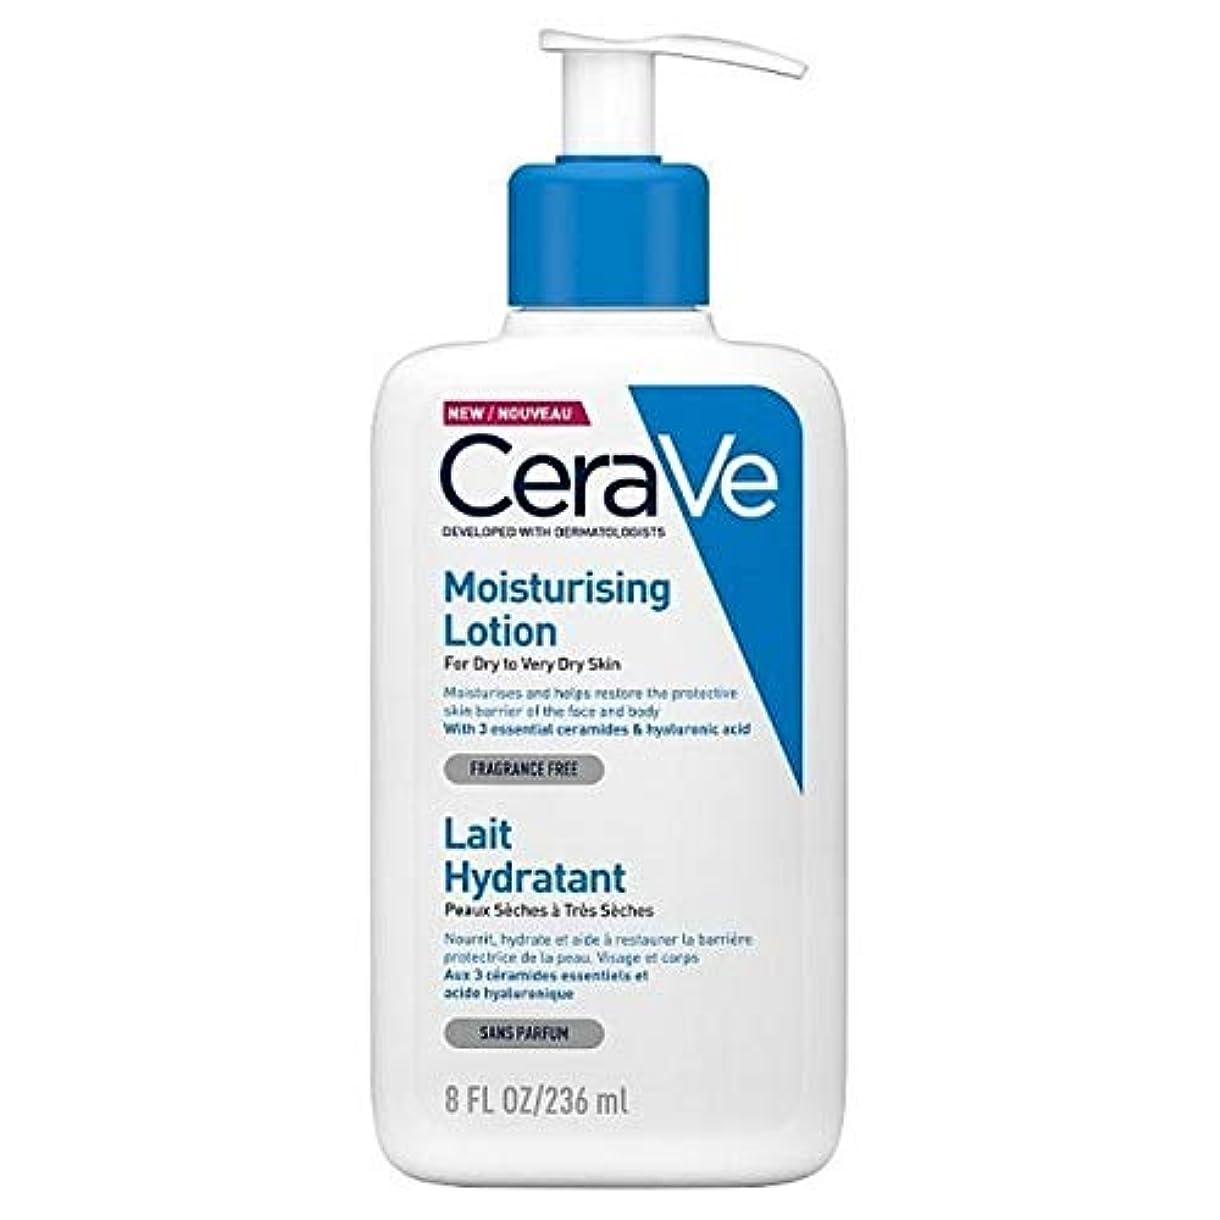 風邪をひく蒸し器哺乳類[CeraVe] Cerave保湿ローション236ミリリットル - CeraVe Moisturising Lotion 236ml [並行輸入品]